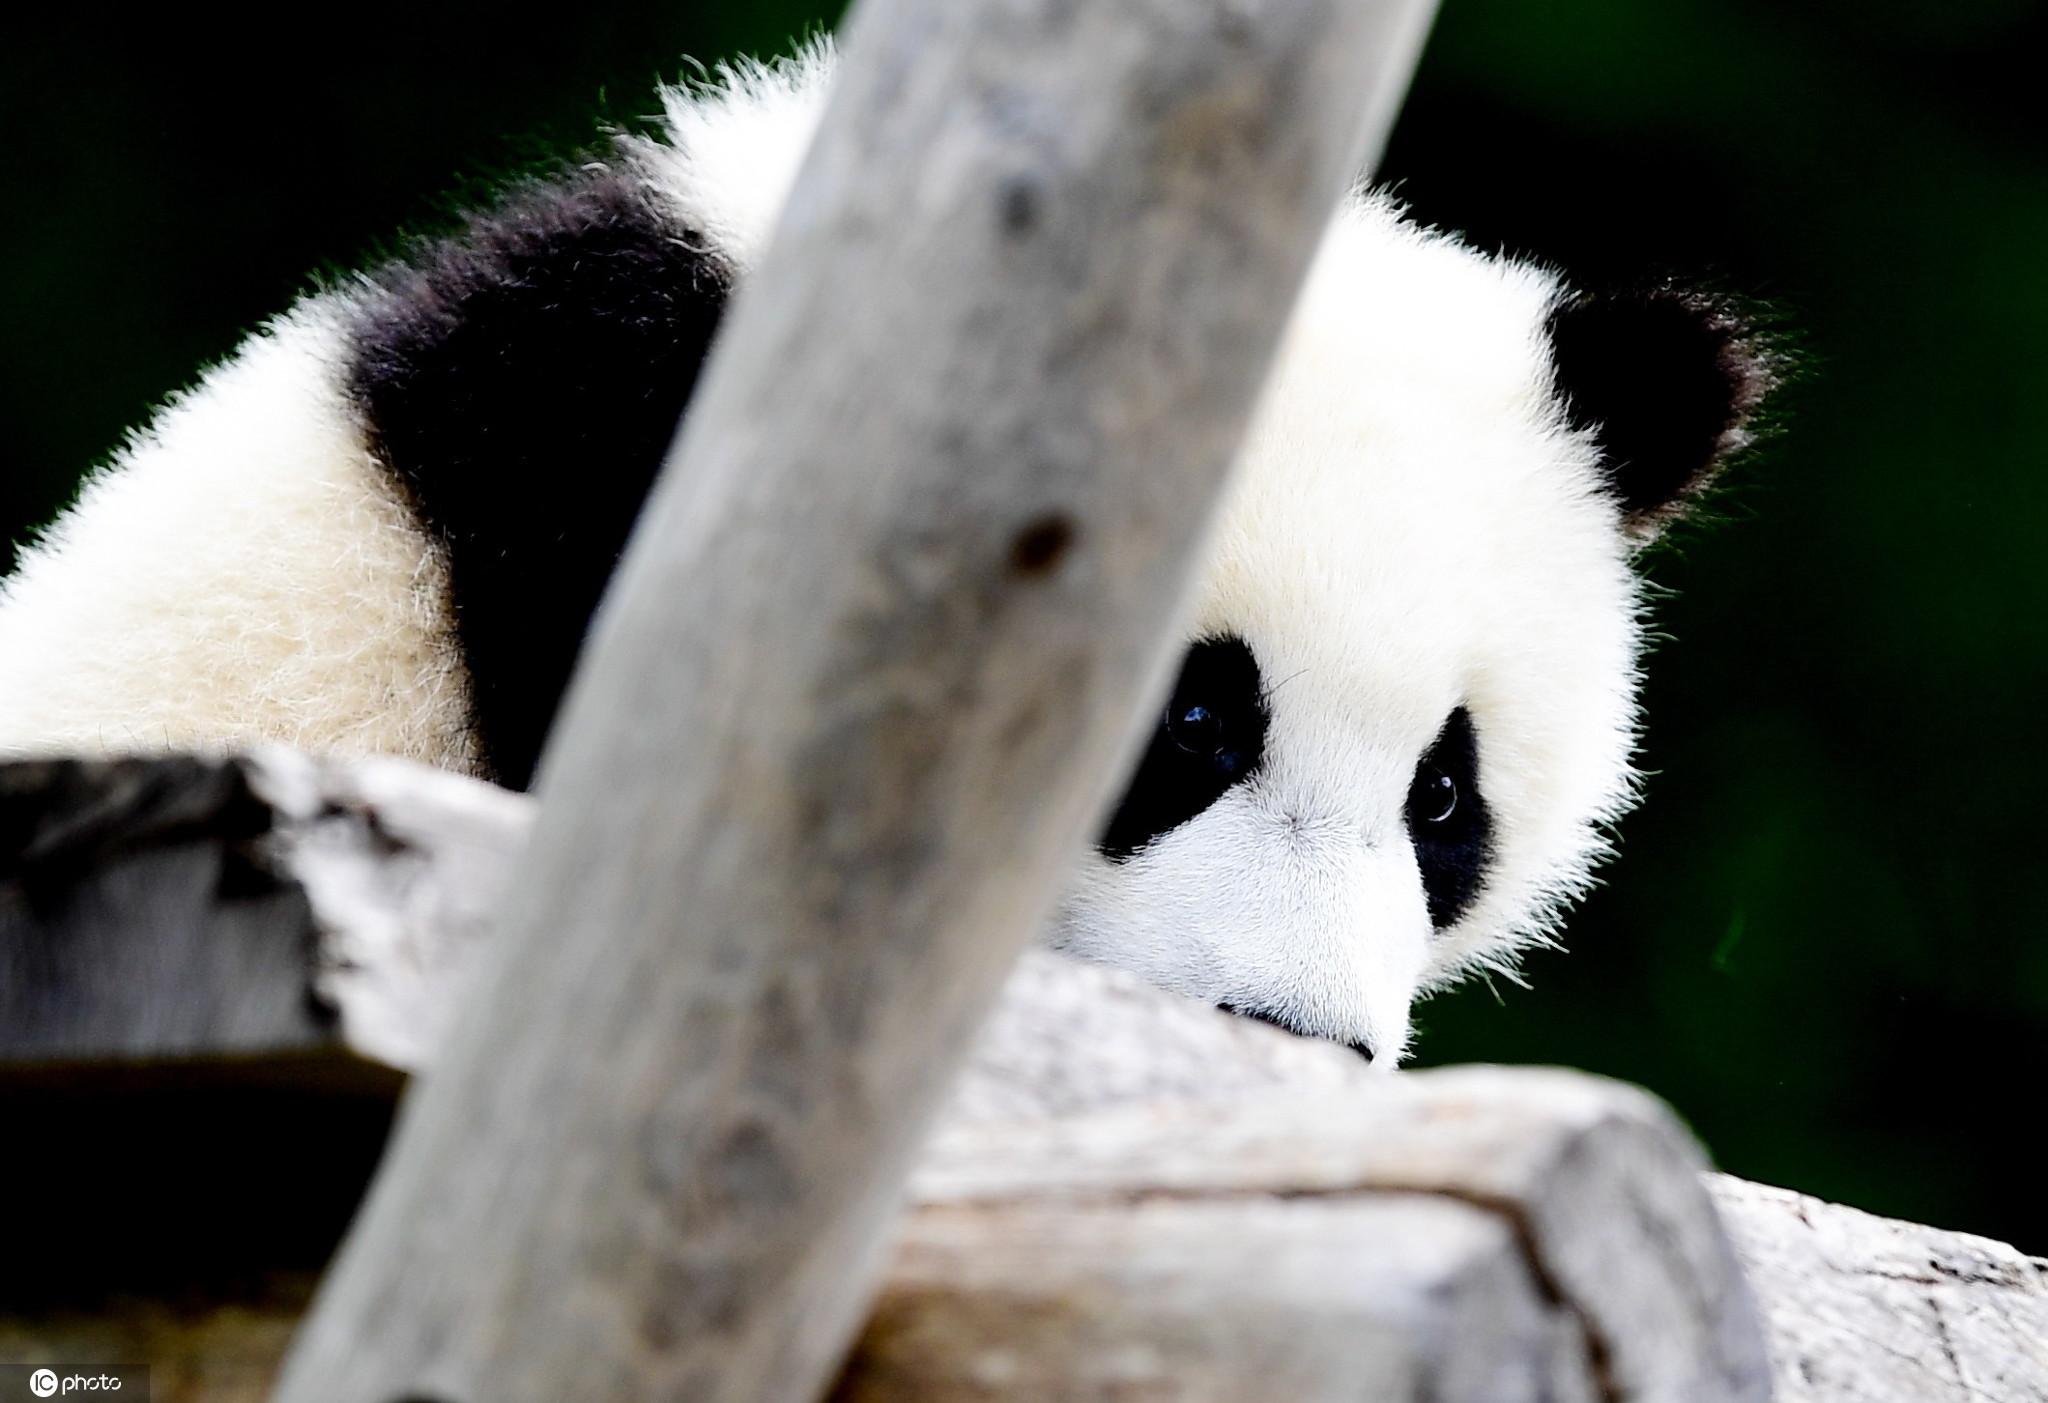 德国柏林动物园日常大熊猫啃竹子趴着不动憨态可掬